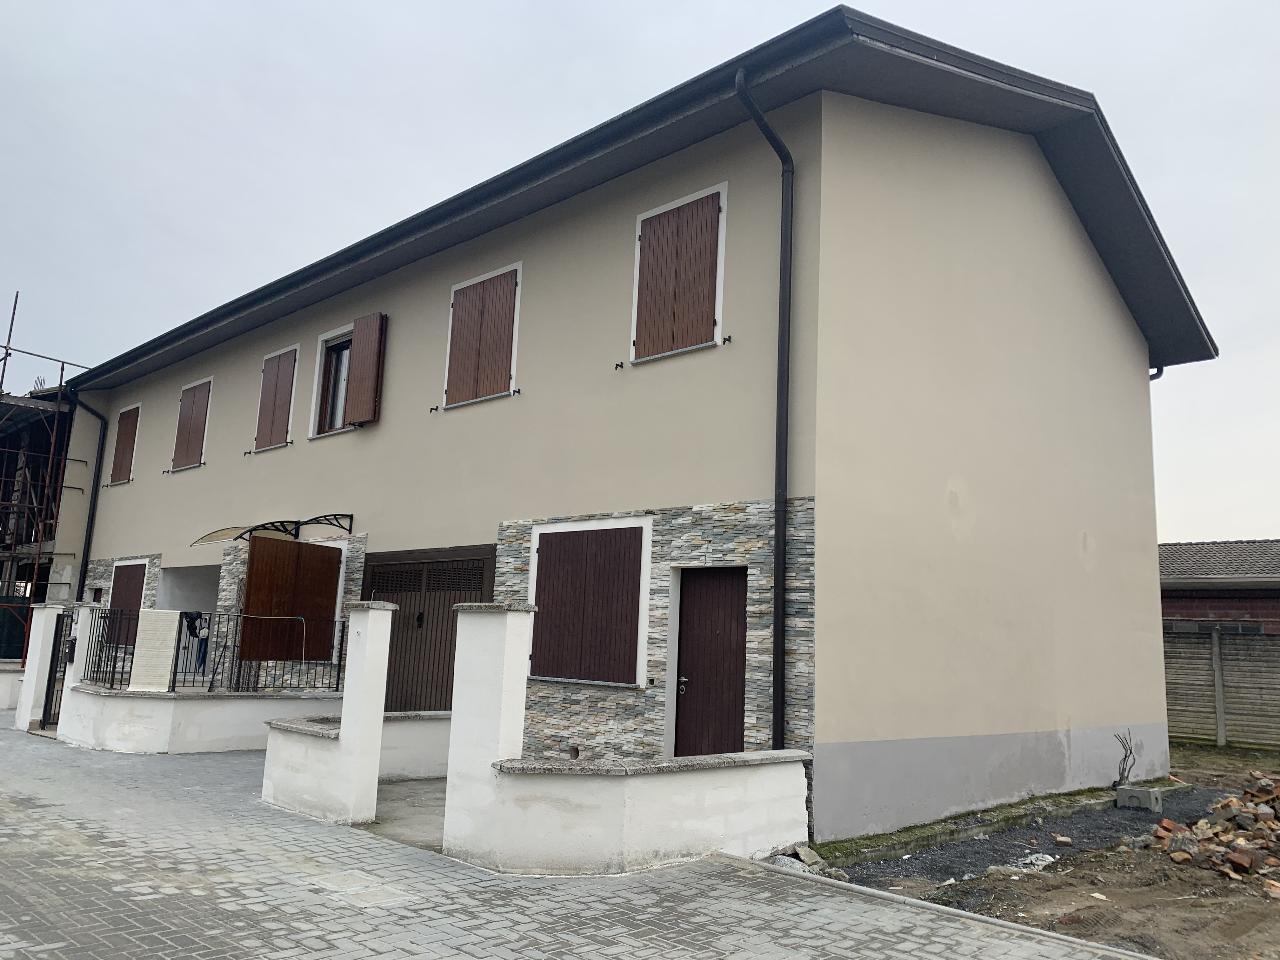 Villa a schiera PESCAROLO ED UNITI €145.000,00